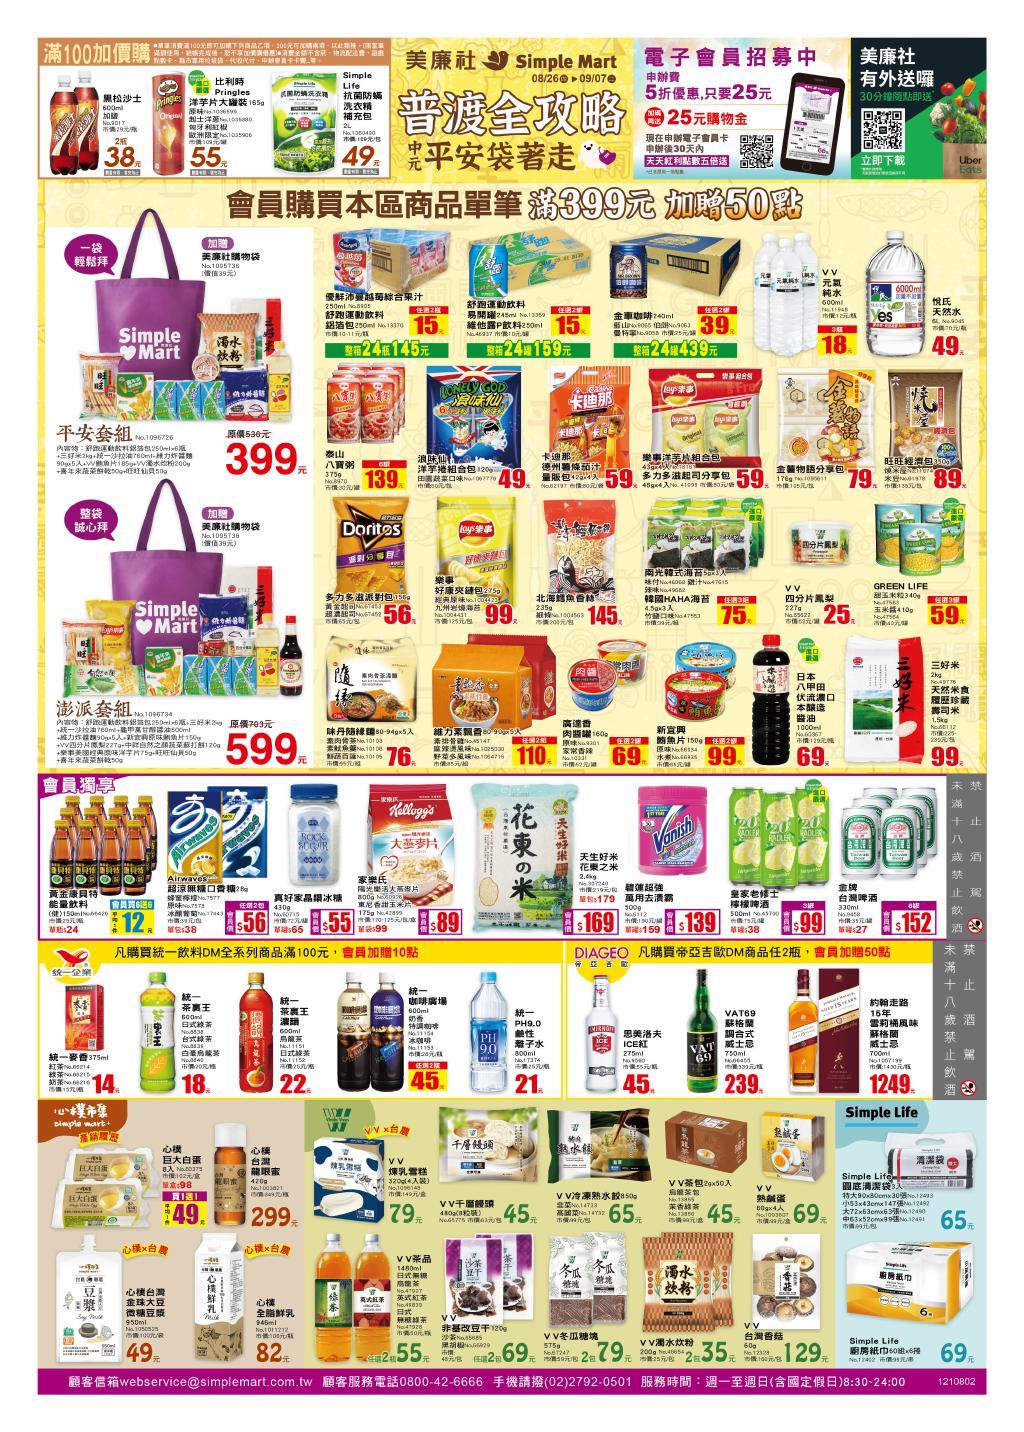 美廉社DM 【2021/9/7止】促銷目錄、優惠內容